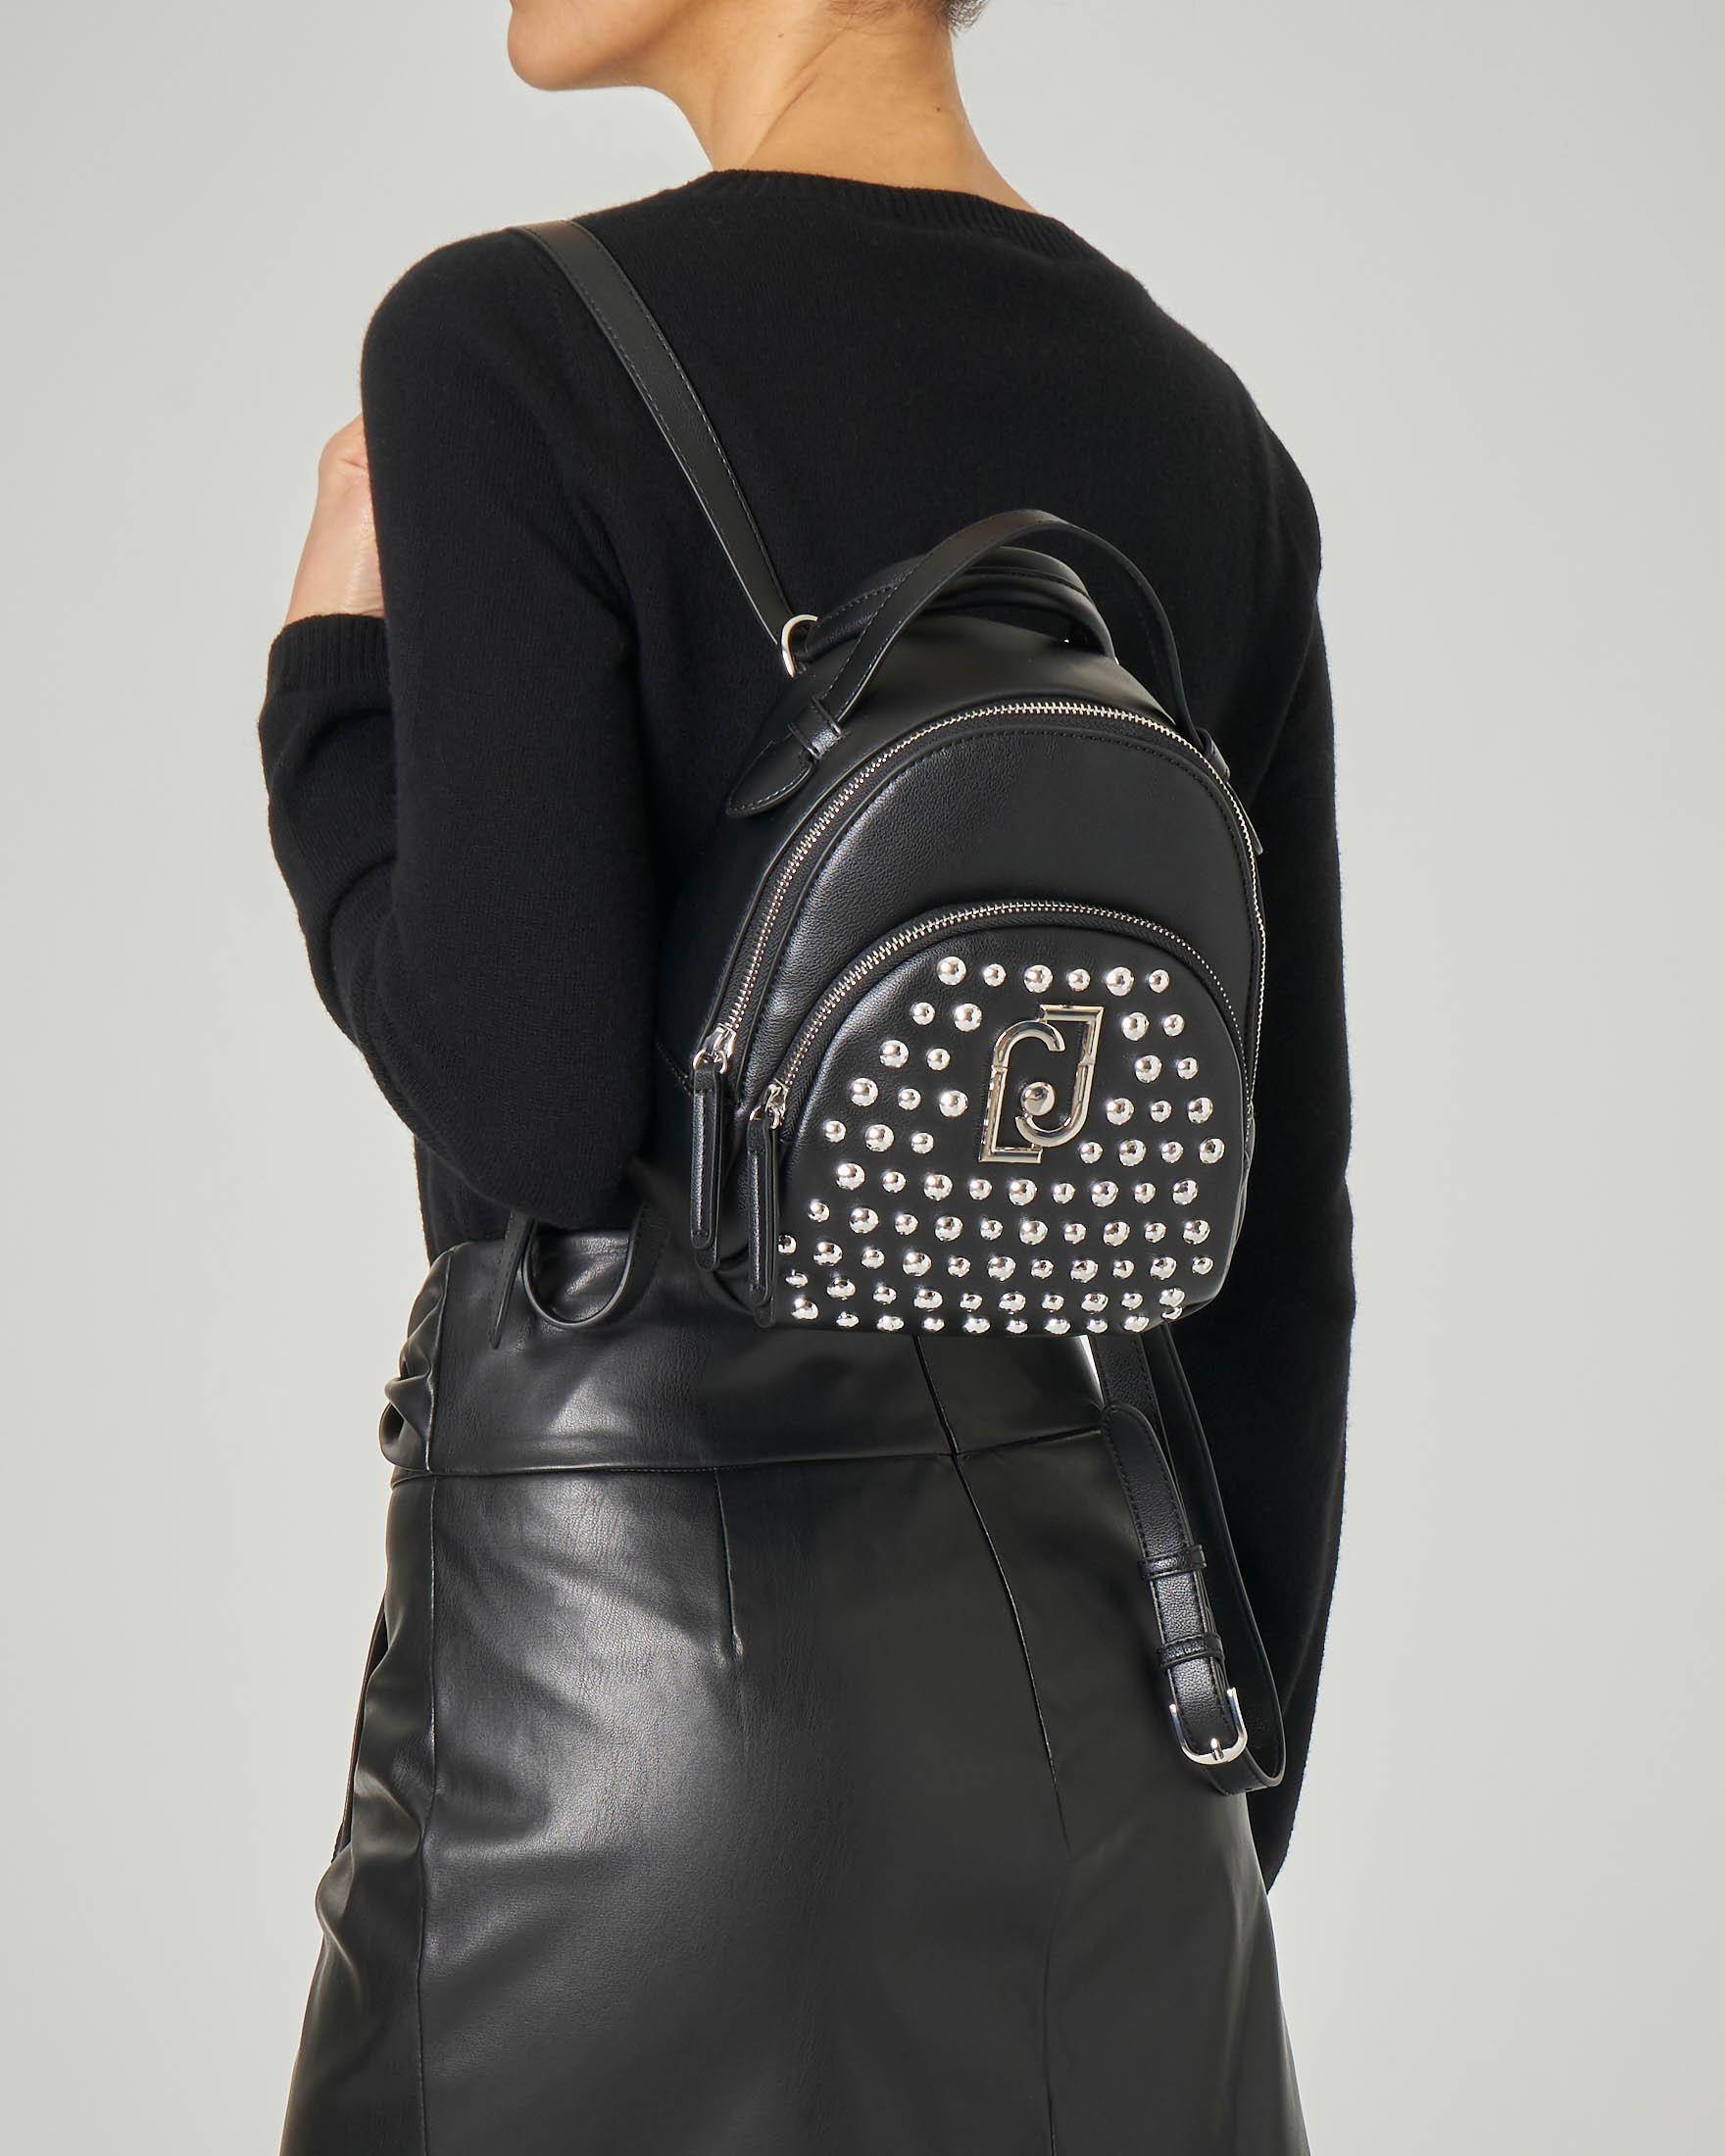 Zaino nero in ecopelle misura piccola con tasca con borchie tonde argento applicate